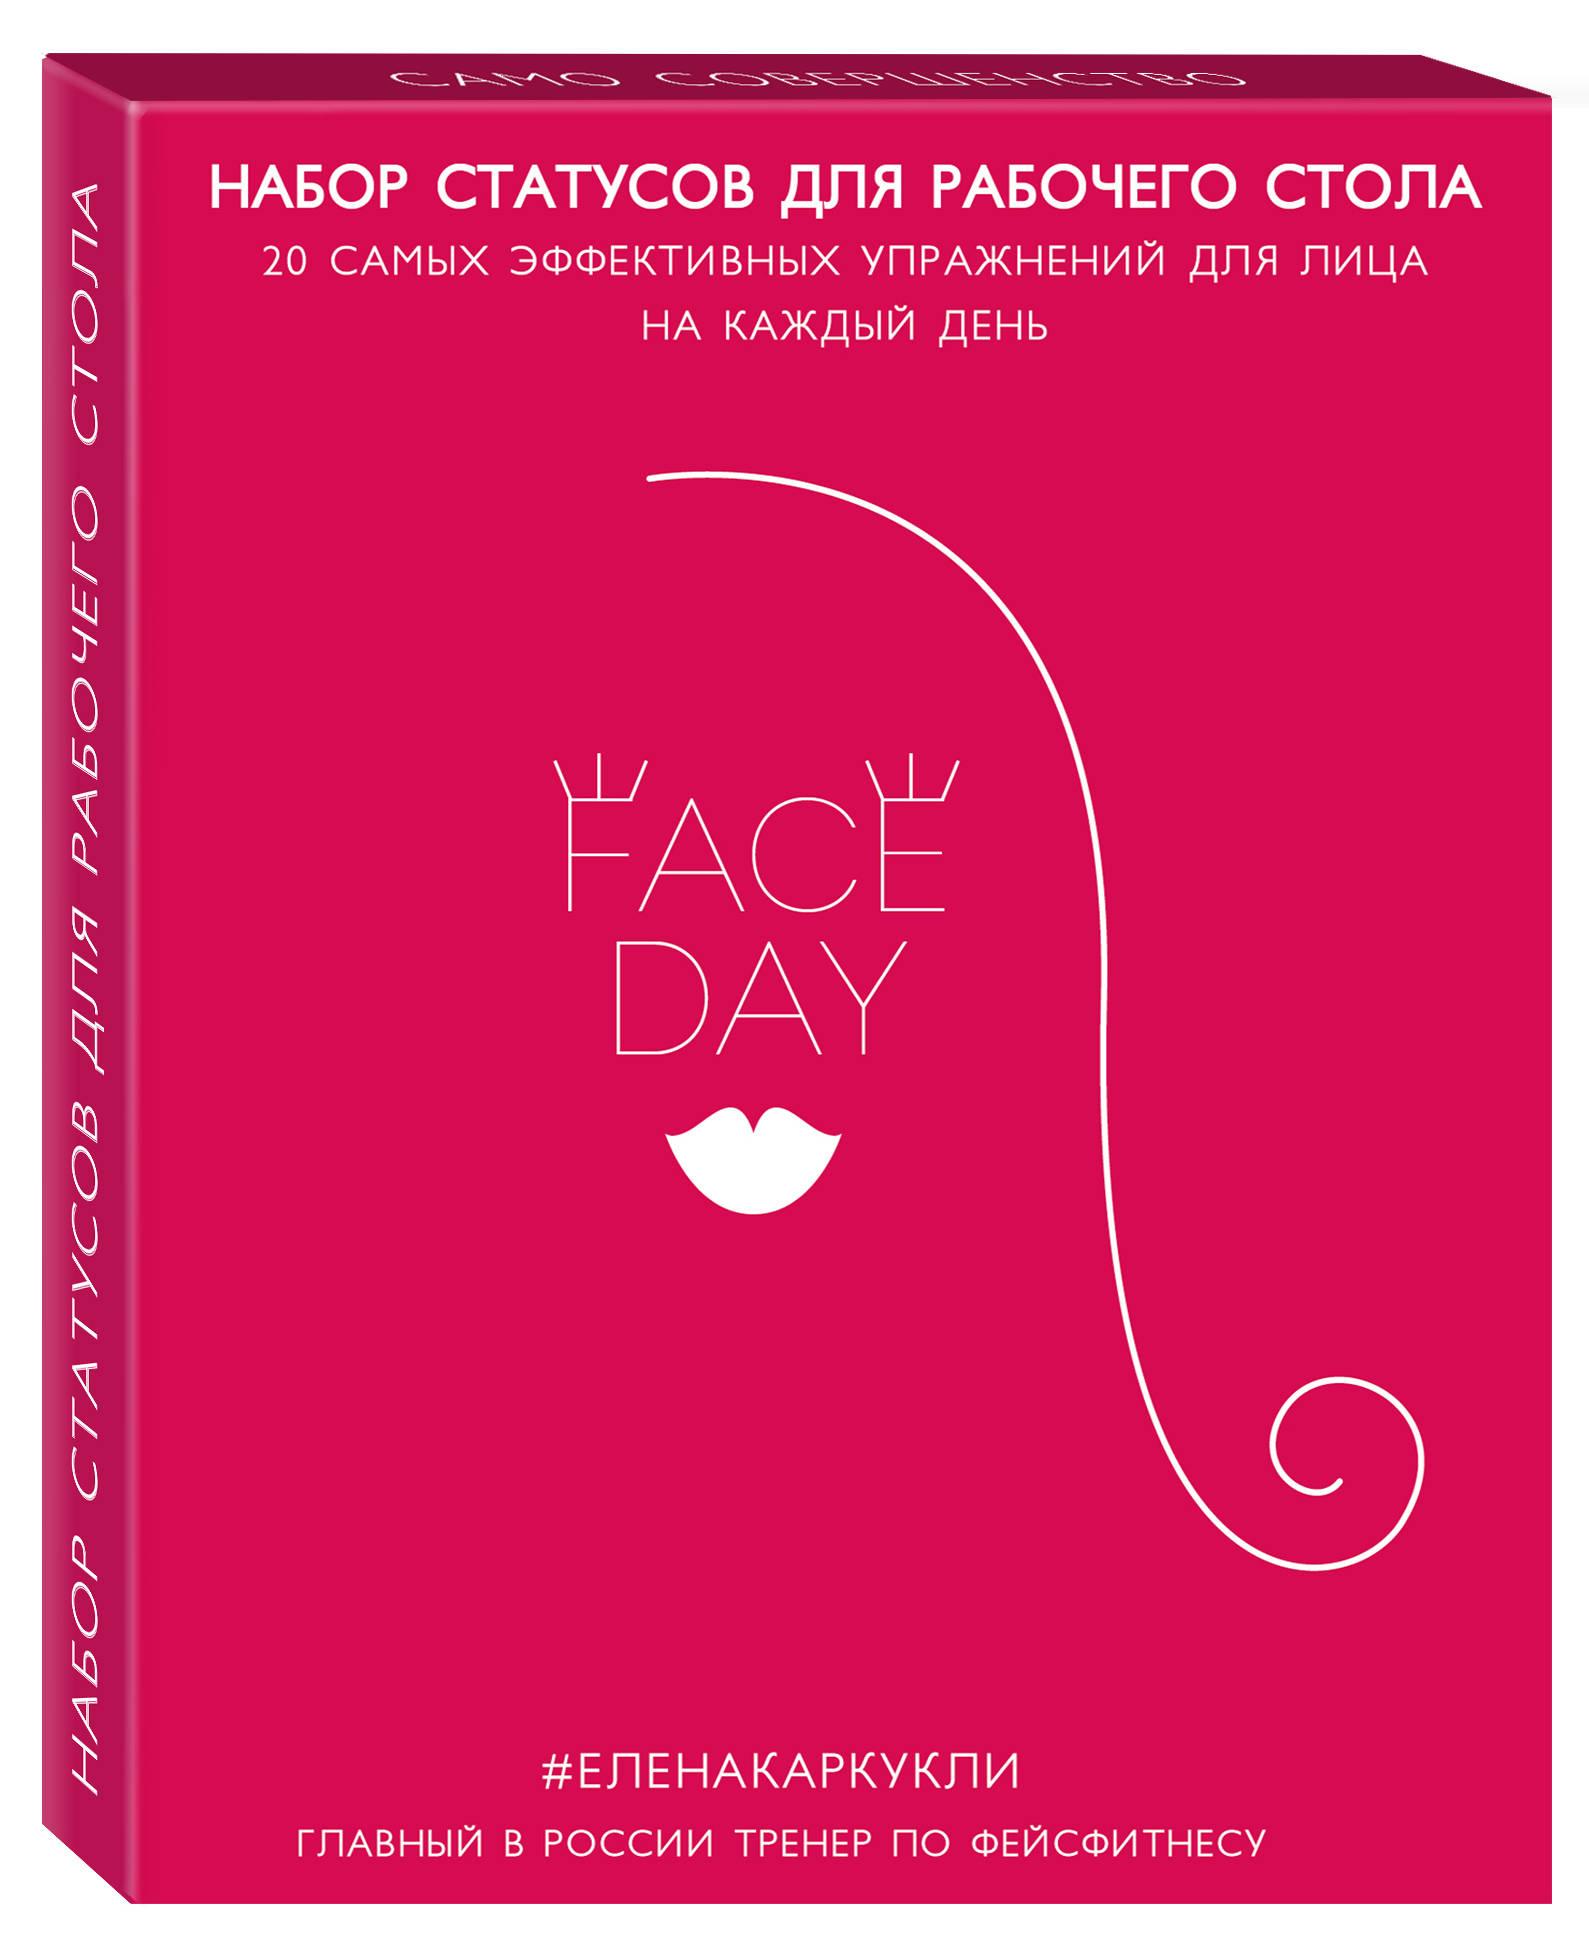 Фото - Е. А. Каркукли Faceday: Набор статусов для рабочего стола. Идеальное лицо (Красный) каркукли елена александровна баночный самомассаж мгновенный лифтинг эффект faceday